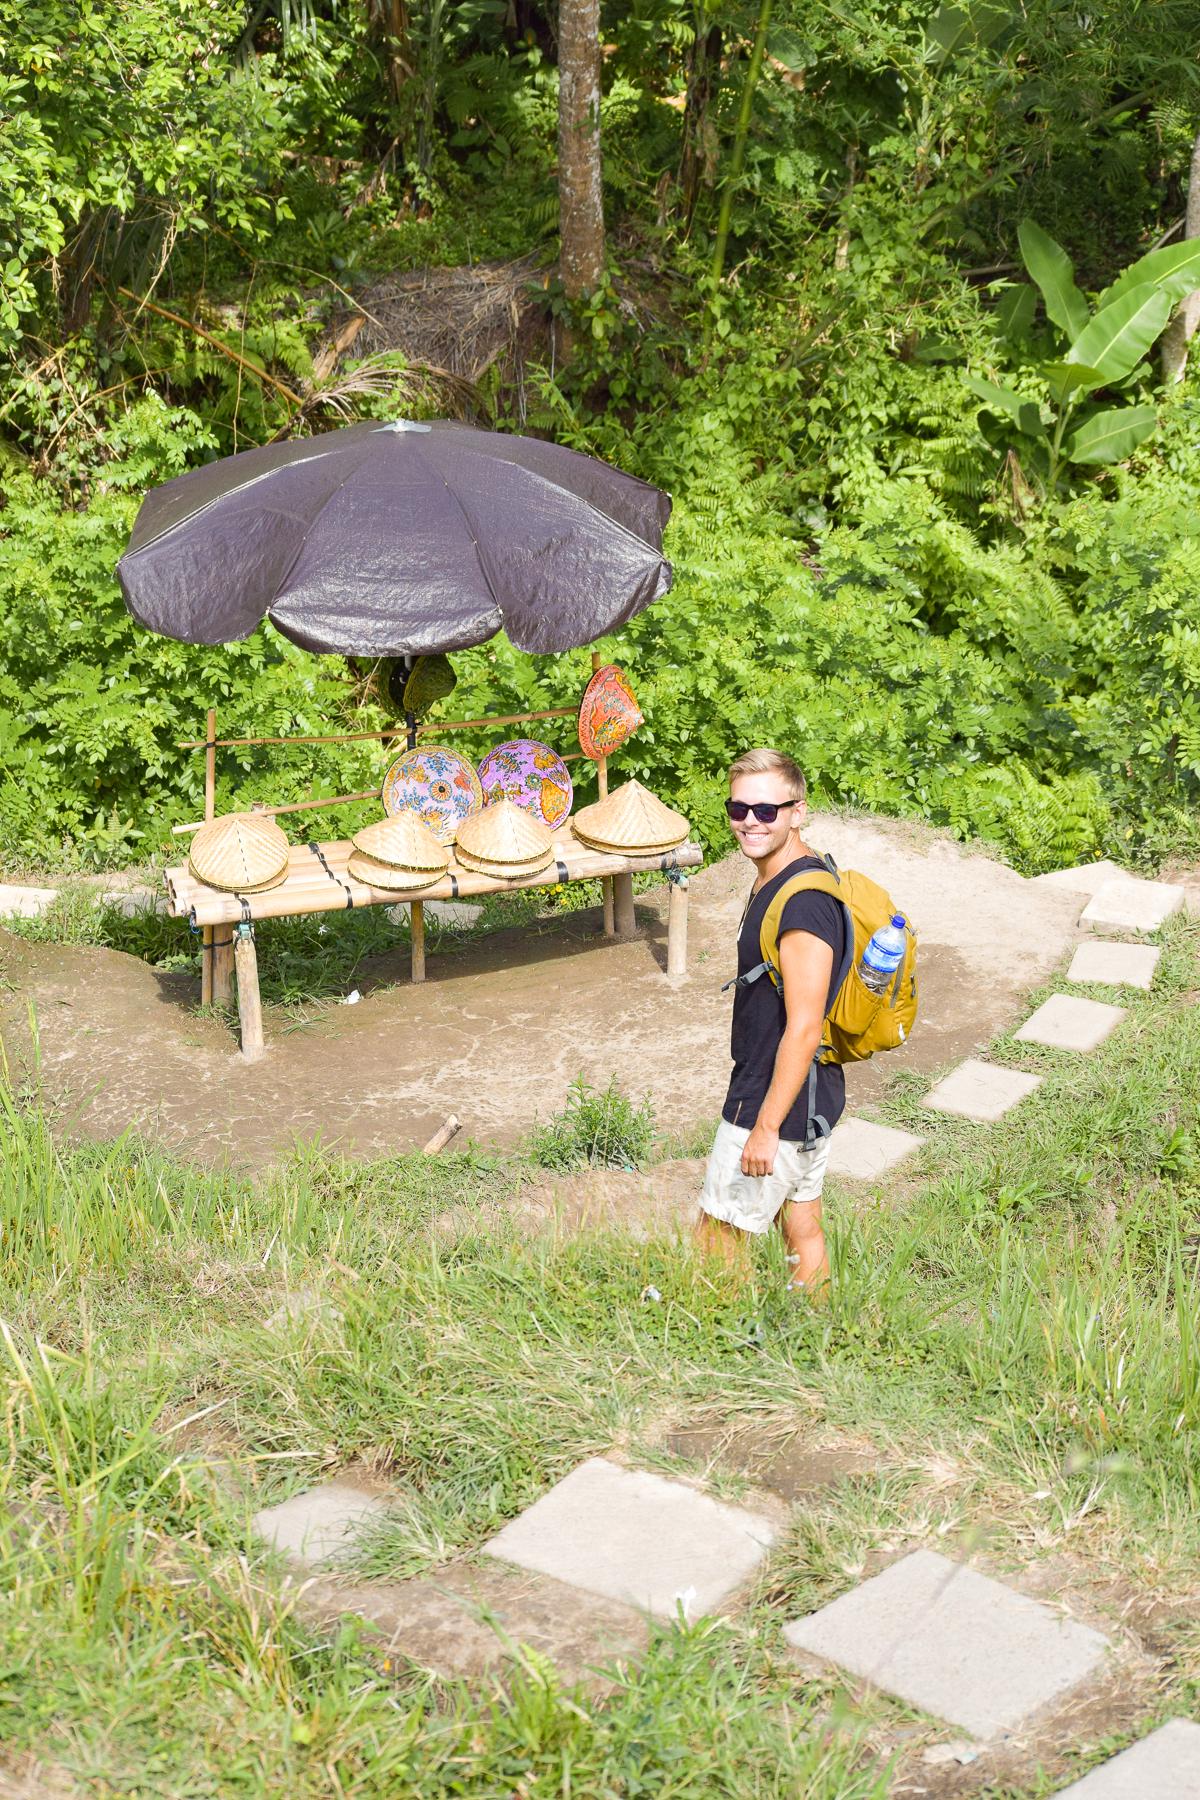 David går nedför en trappa i Tegalalangs risterrasser i Ubud.